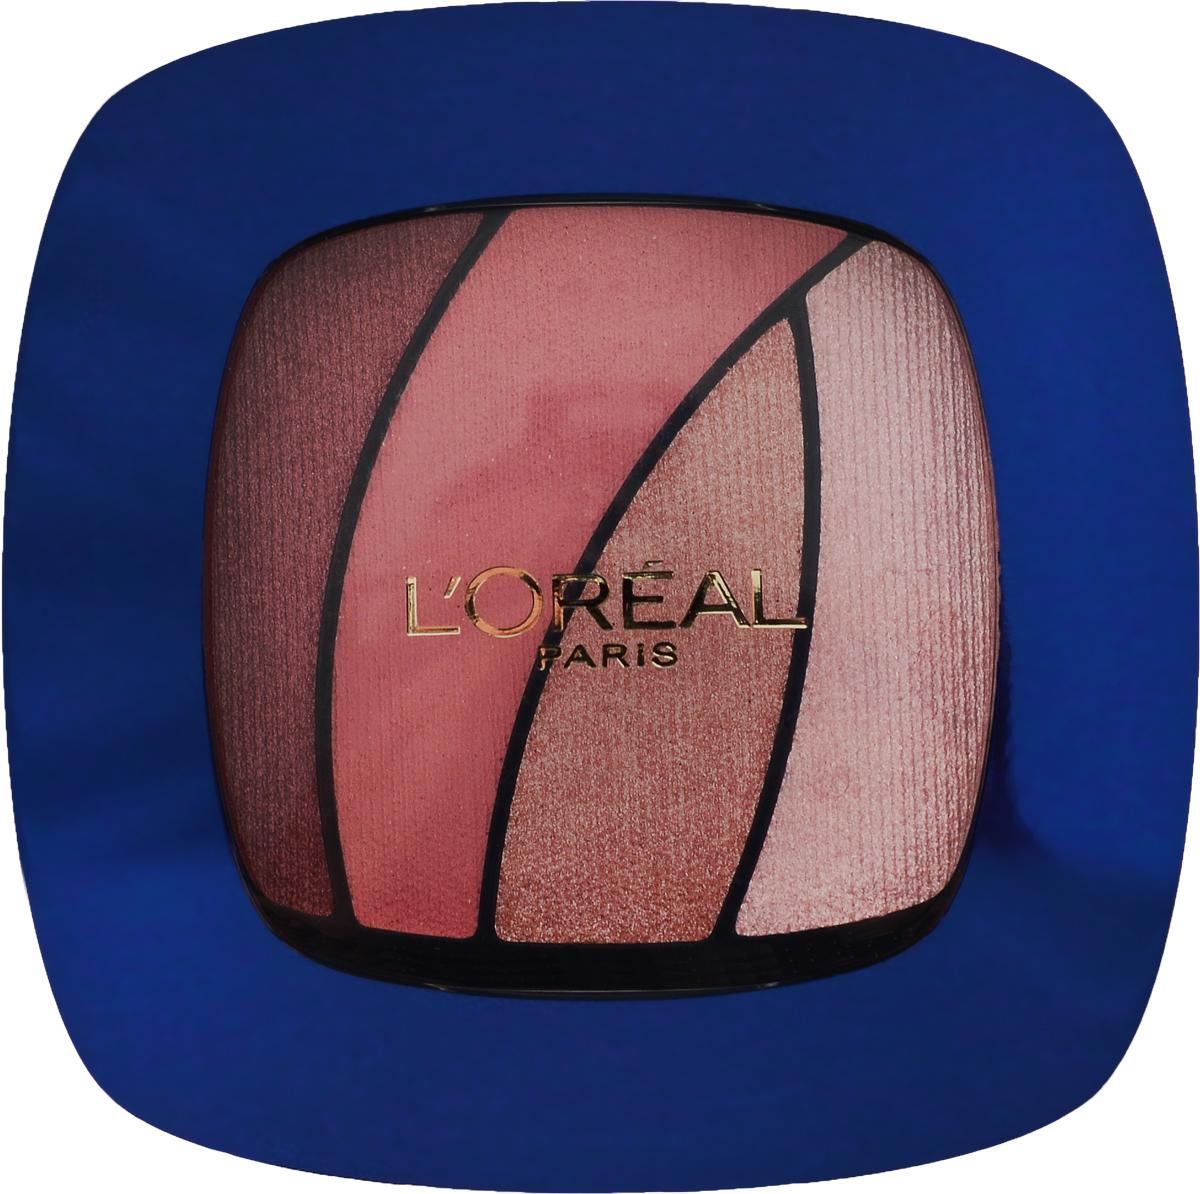 LOreal Paris Тени для век Color Riche Quadro. Red Carpet, оттенок S10 Розовый Сапфир, 30 гA8628200L'Oreal Paris представляет лимитированную коллекцию макияжа, вдохновленную красной ковровой дорожкой. Сногсшибательная звездная коллекция в эксклюзивном дизайне и соблазнительных оттенках. Тени Квадро Color Riche - ваш персональный визажист. Формула нового поколения: идеальная пропорция пигментов и перламутровых частиц для достижения насыщенного и яркого розового цвета. Инновационный двусторонний аппликатор для профессионального нанесения: традиционная кисточка для растушевки базовых цветов, углообразная кисточка для создания эффекта подводки. Стойкость 12 часов.